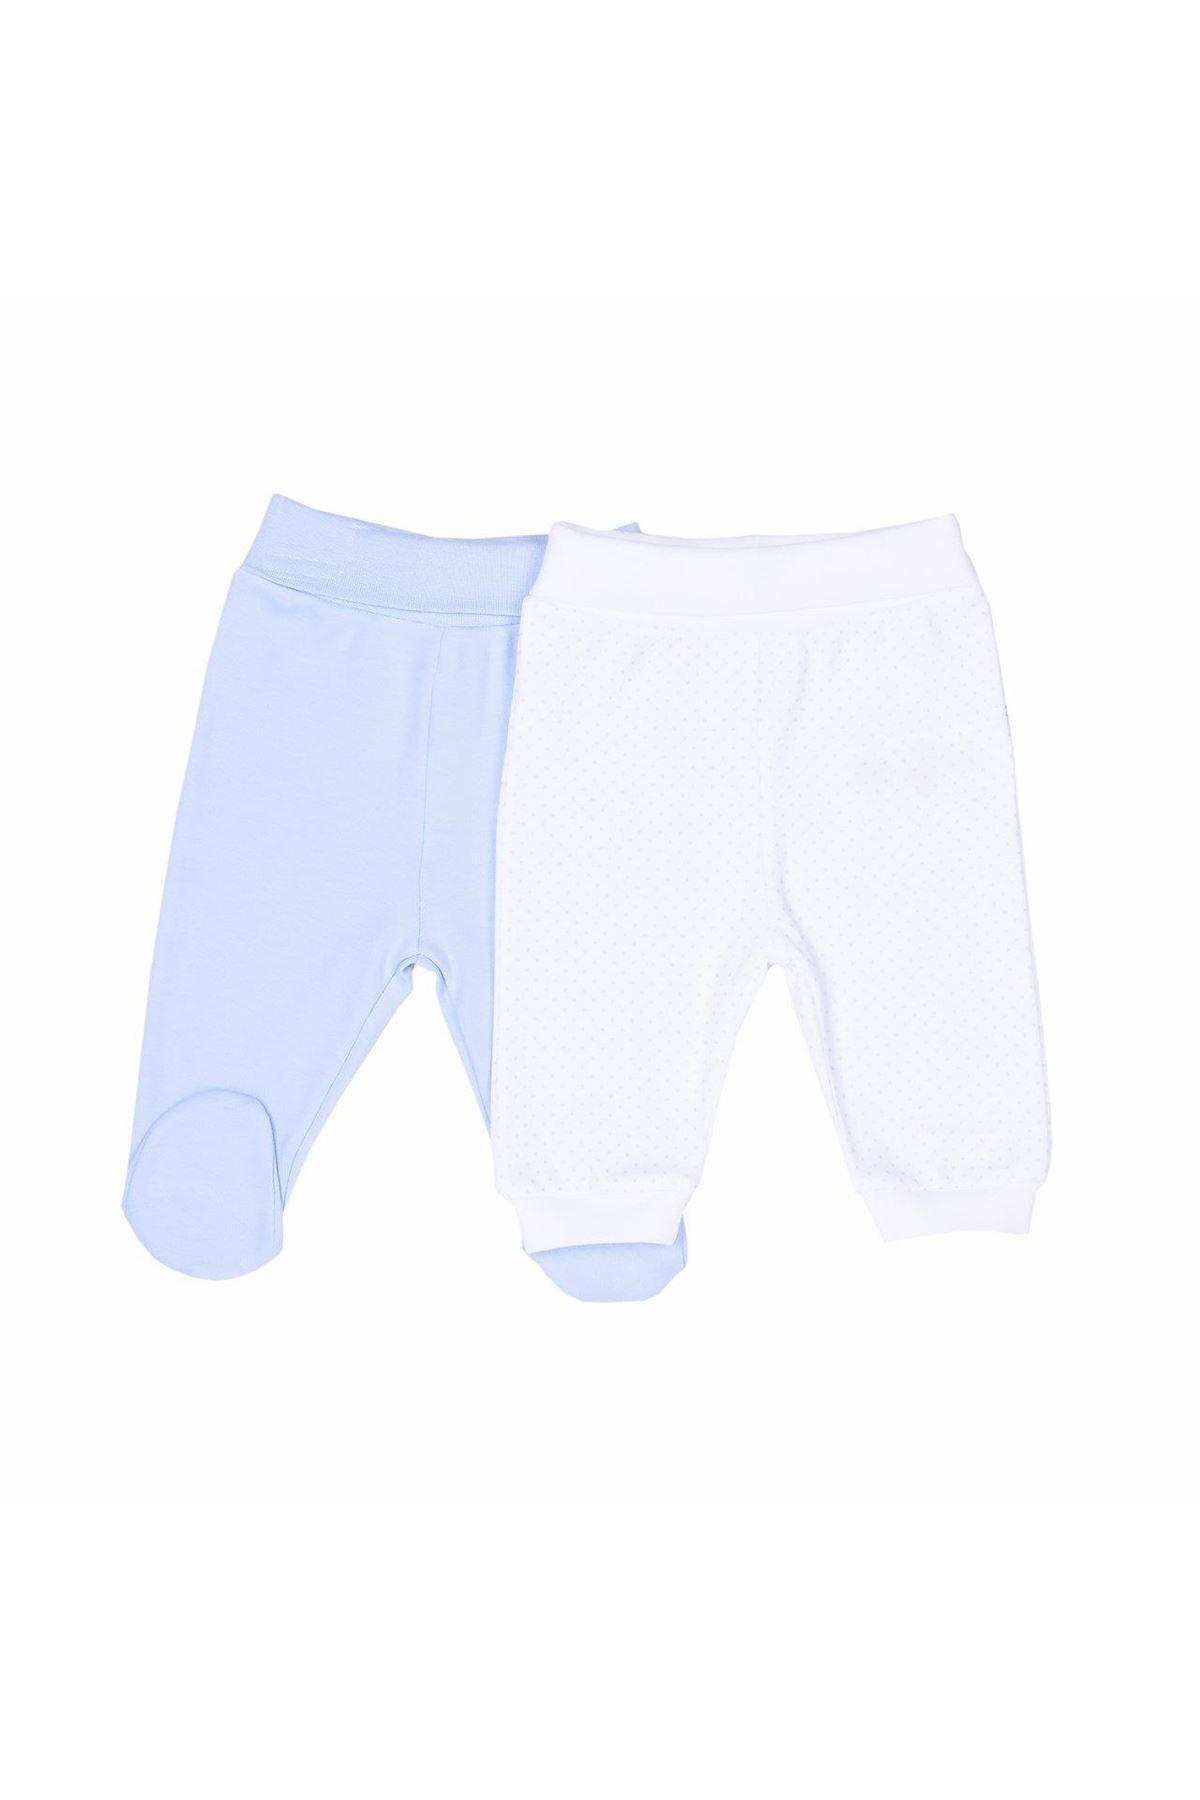 KitiKate Dreams Puanlı 2li Tek Alt Pantolon 91038 Mavi